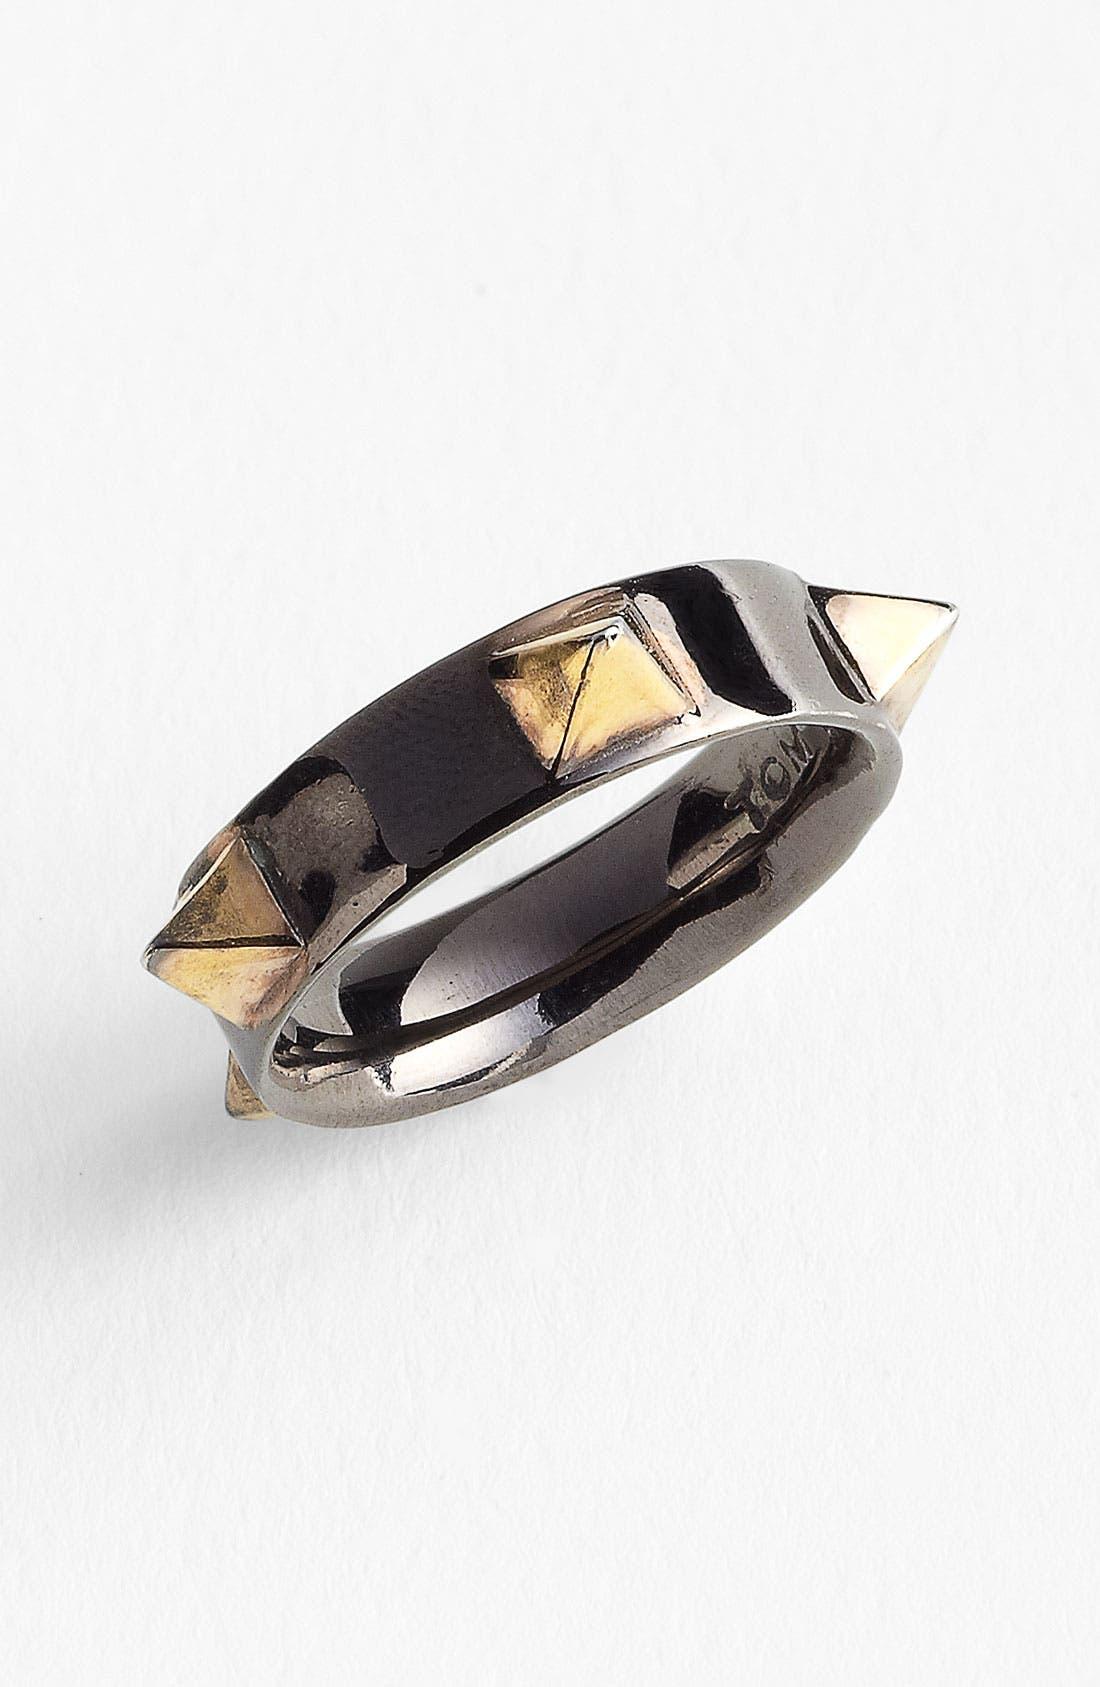 Alternate Image 1 Selected - Tom Binns 'Protopunk' Stud Ring